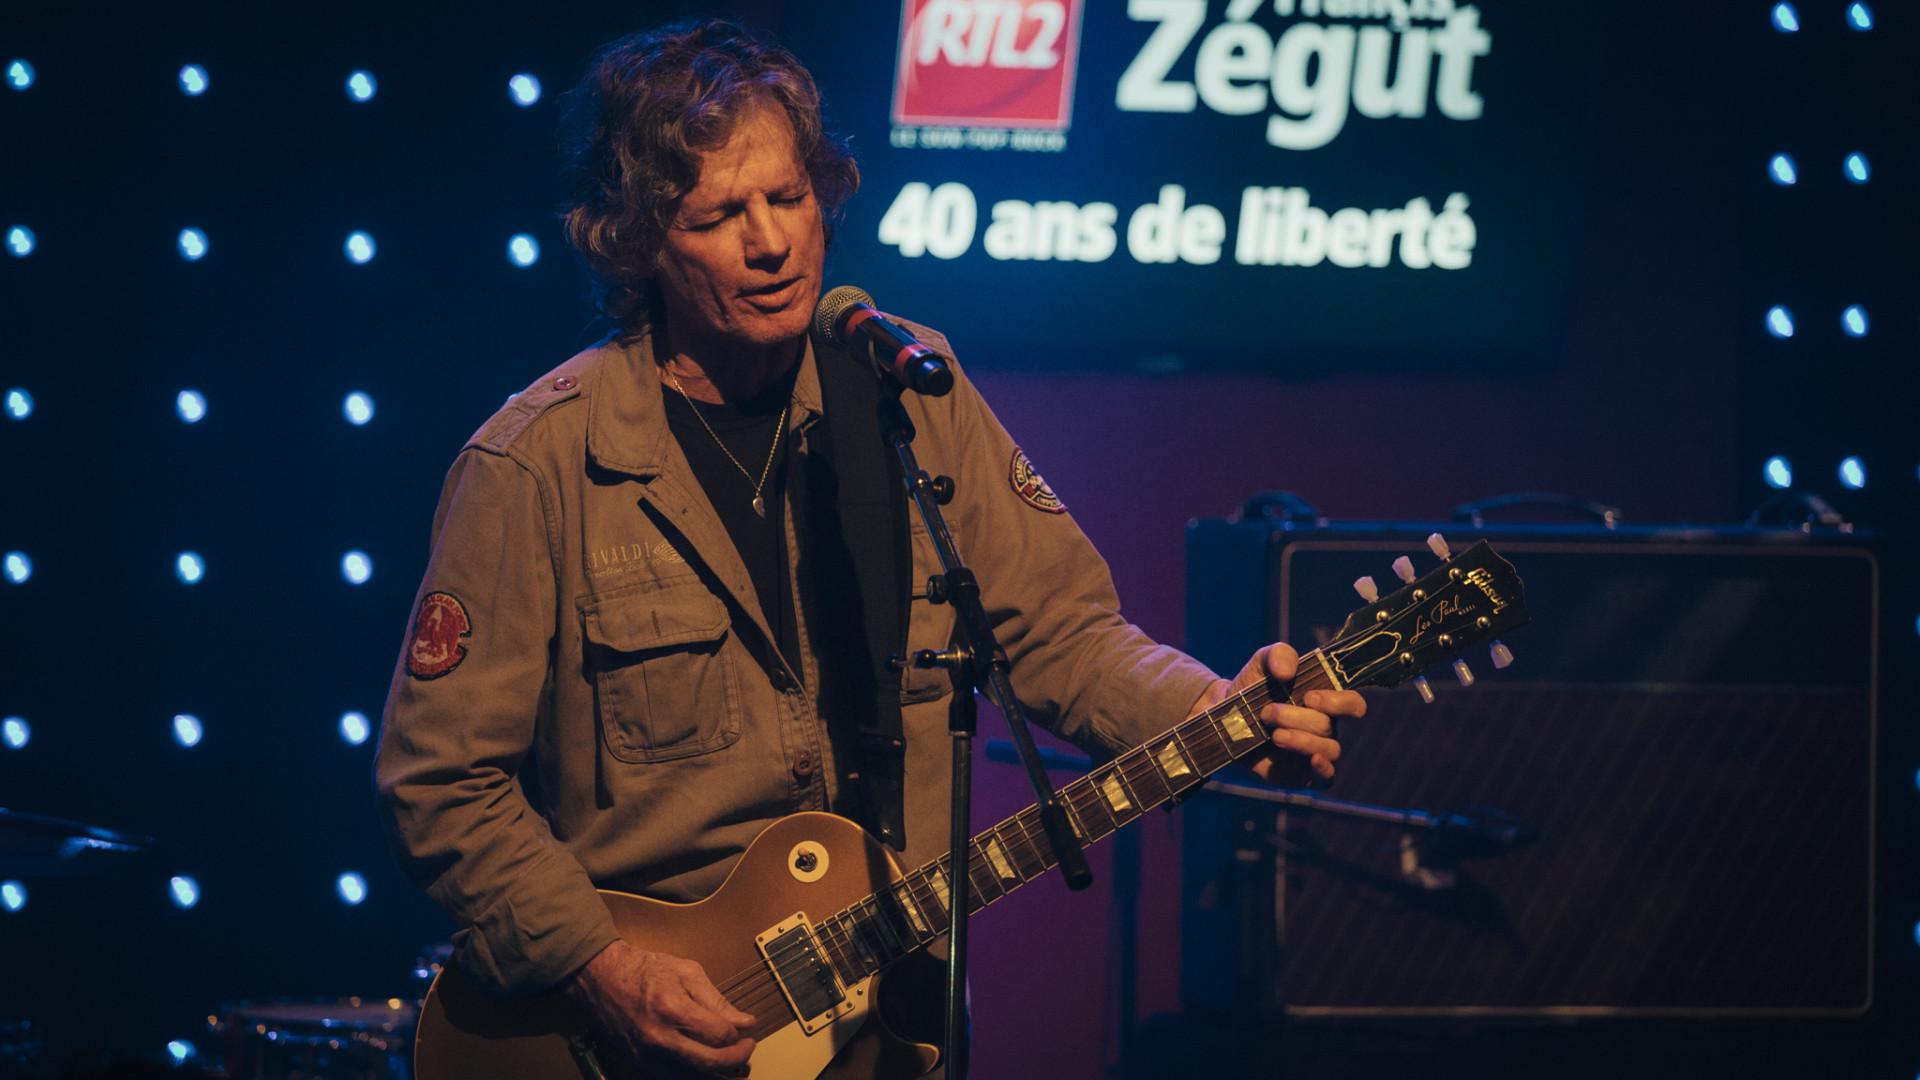 Paul Personne live lors de l'émission des 40 ans de radio de Francis Zégut